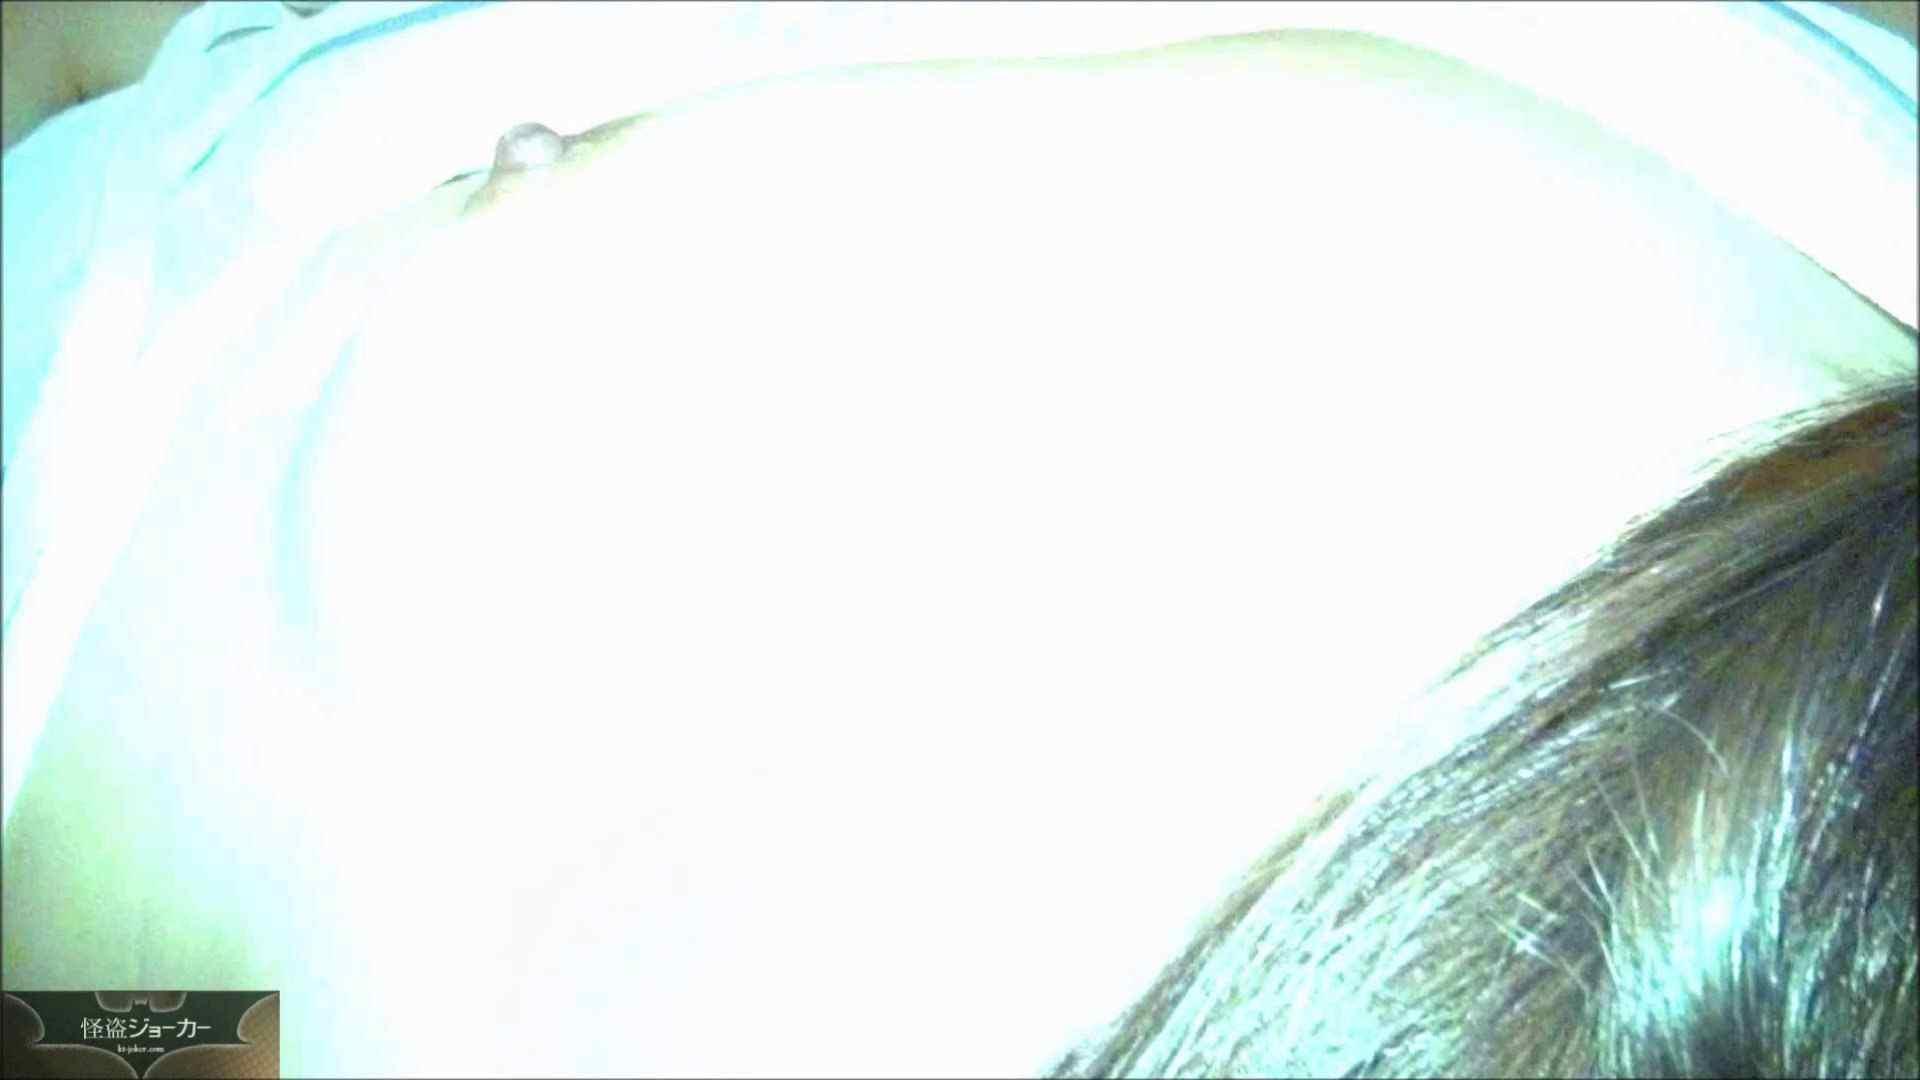 【未公開】vol.78 {関東某有名お嬢様JD}yuunaちゃん② 丸見えマンコ   フェラ  111画像 81